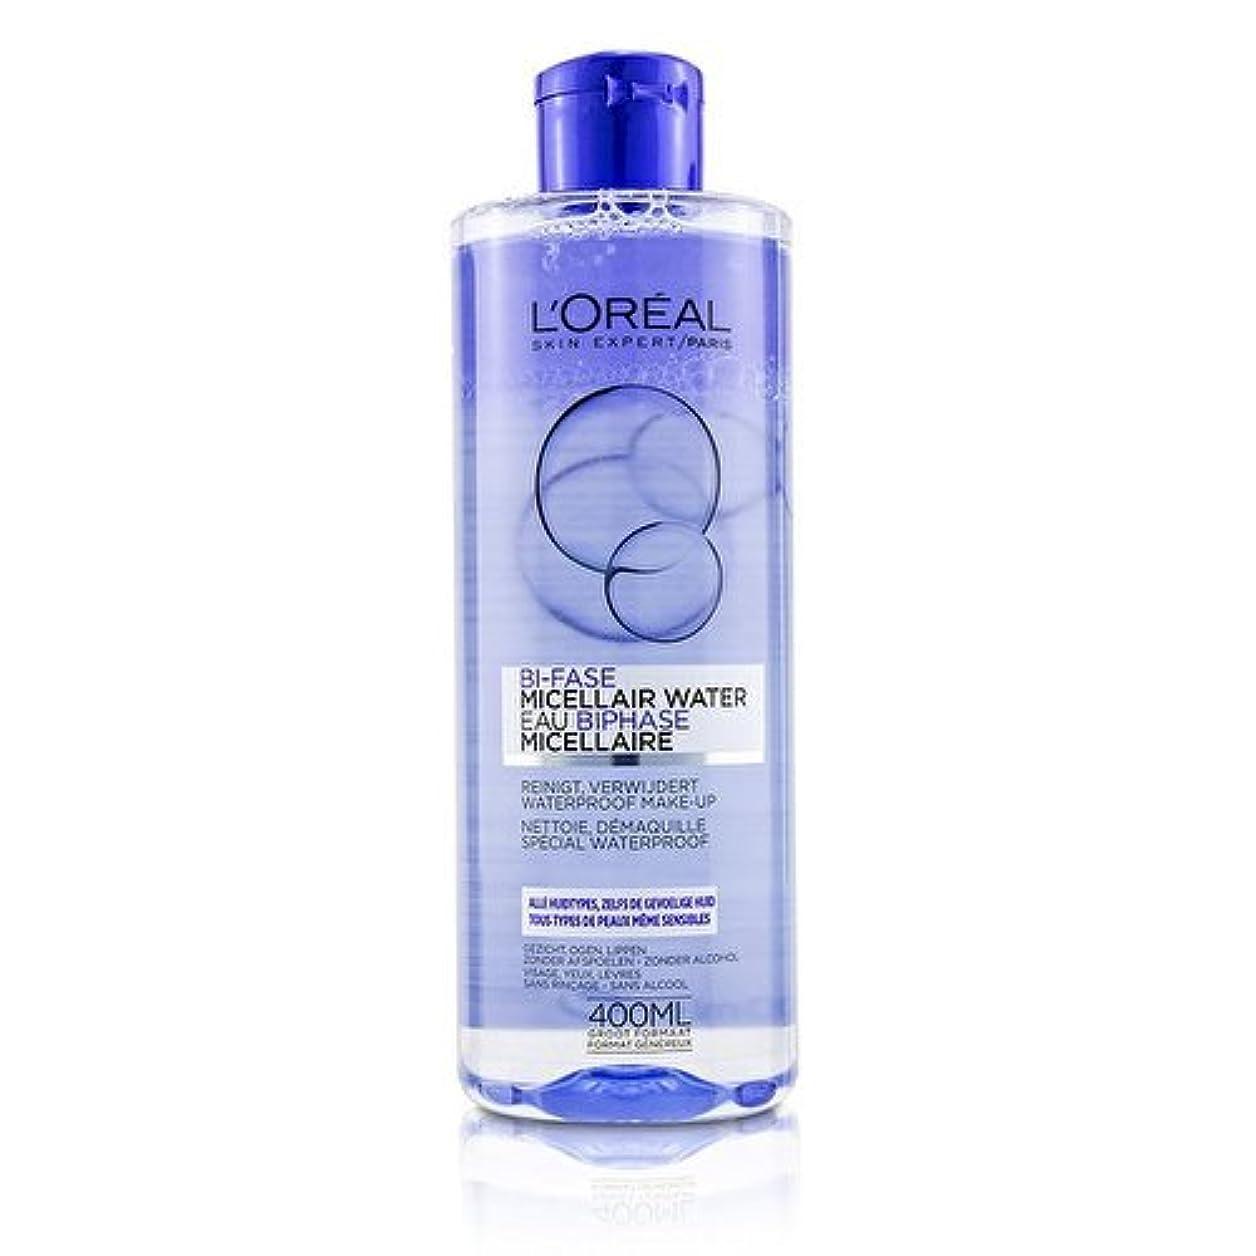 にじみ出るアイザック建築家ロレアル Bi-Phase Micellar Water (Bi-Fase Micellair Water) - For All Skin Types, even Sensitive Skin 400ml/13.3oz並行輸入品